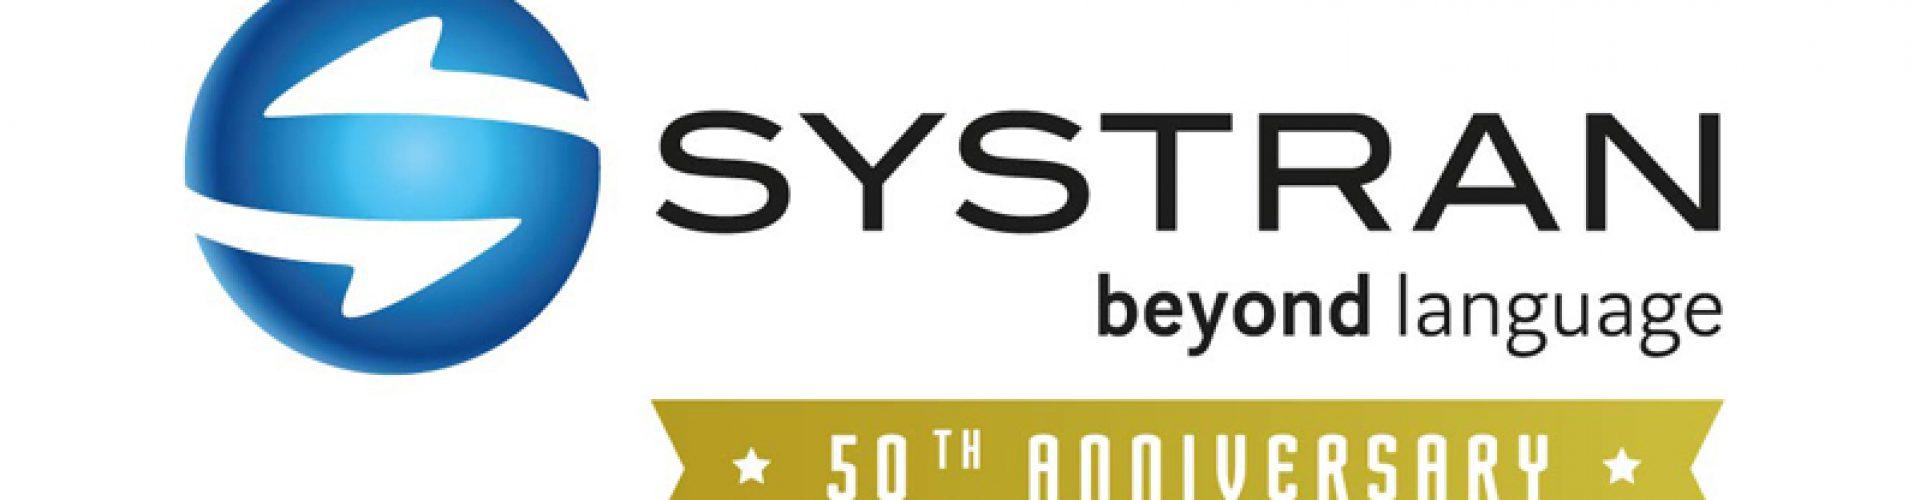 SYSTRAN festeggia 50 anni di attività